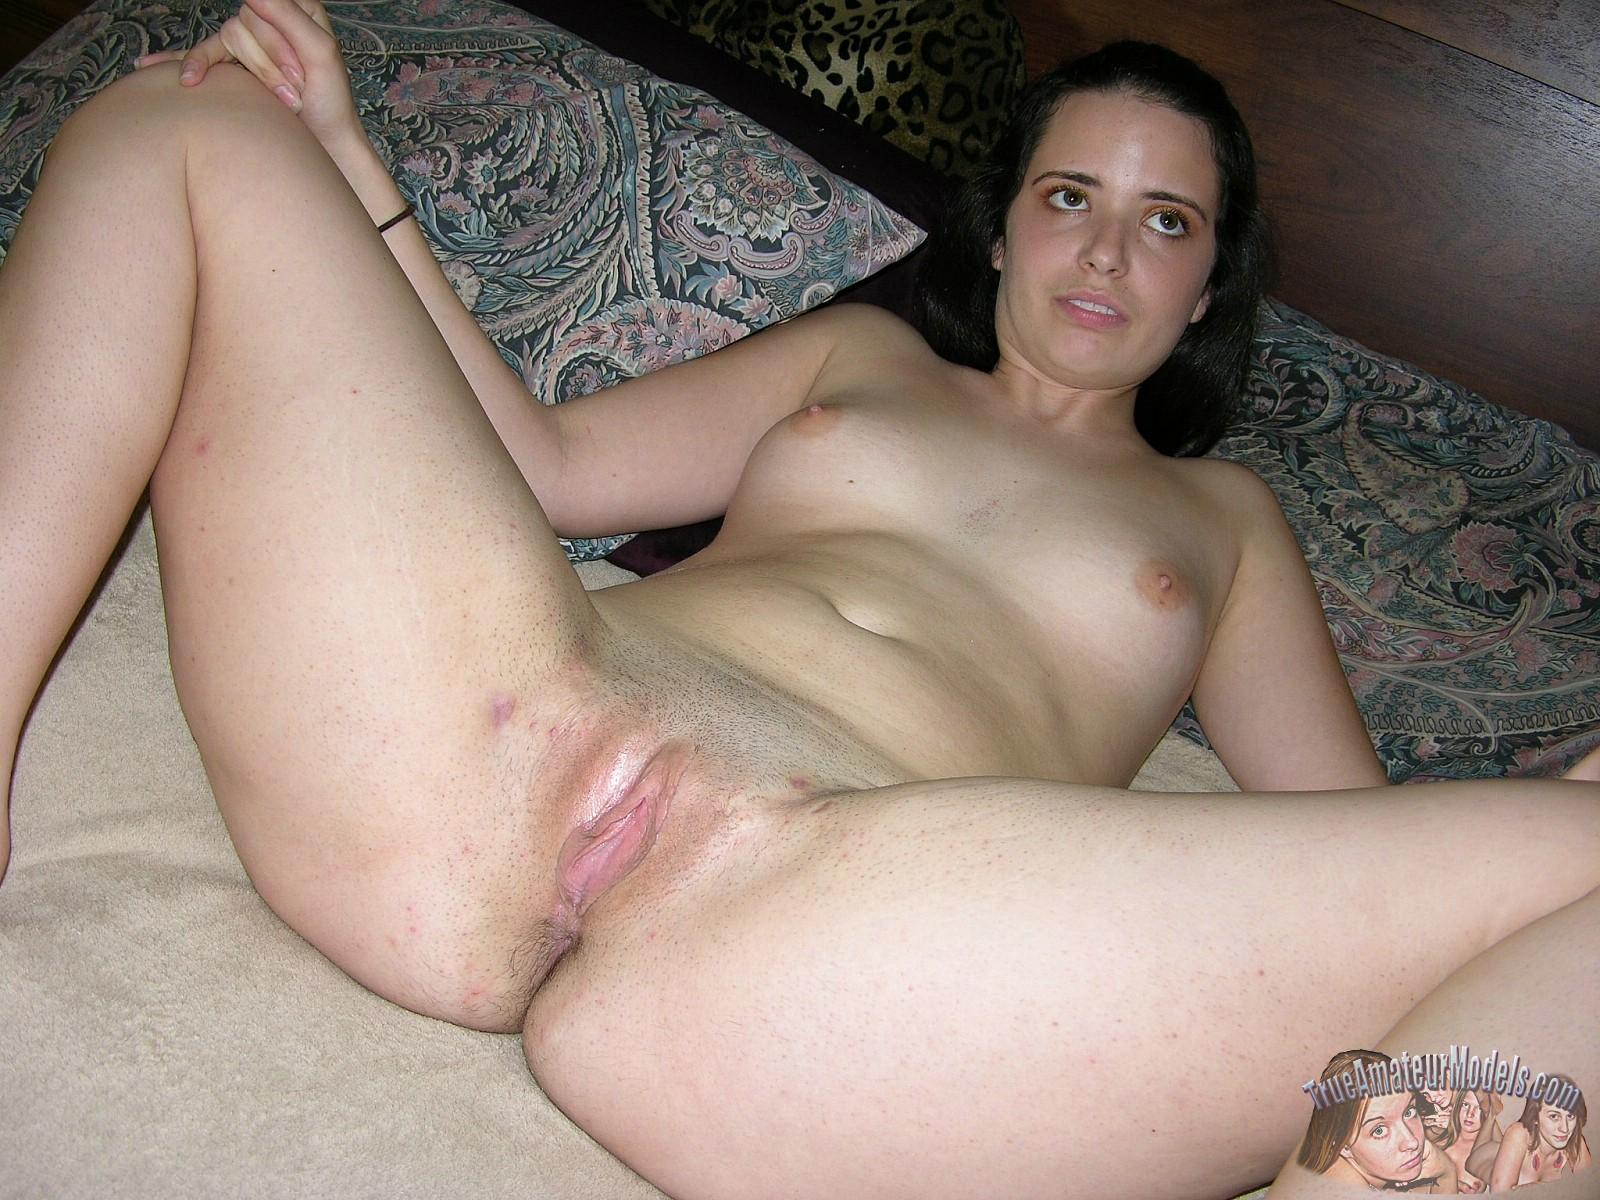 Хейли дразнит сочными растянутыми половыми губками, между которых имеется влажная щелочка